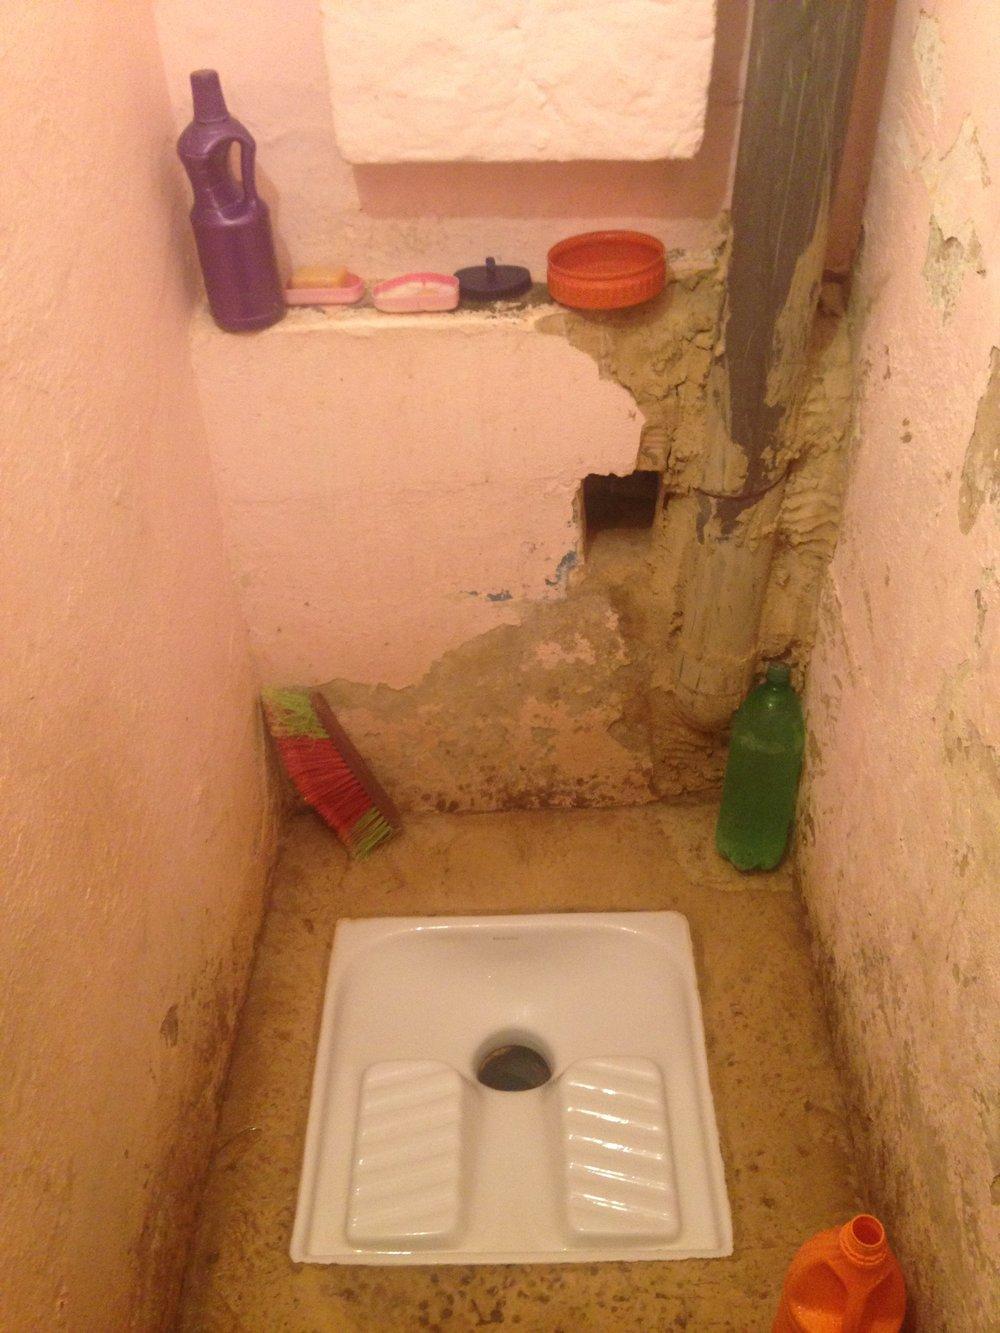 My host family's Turkish Toilet.